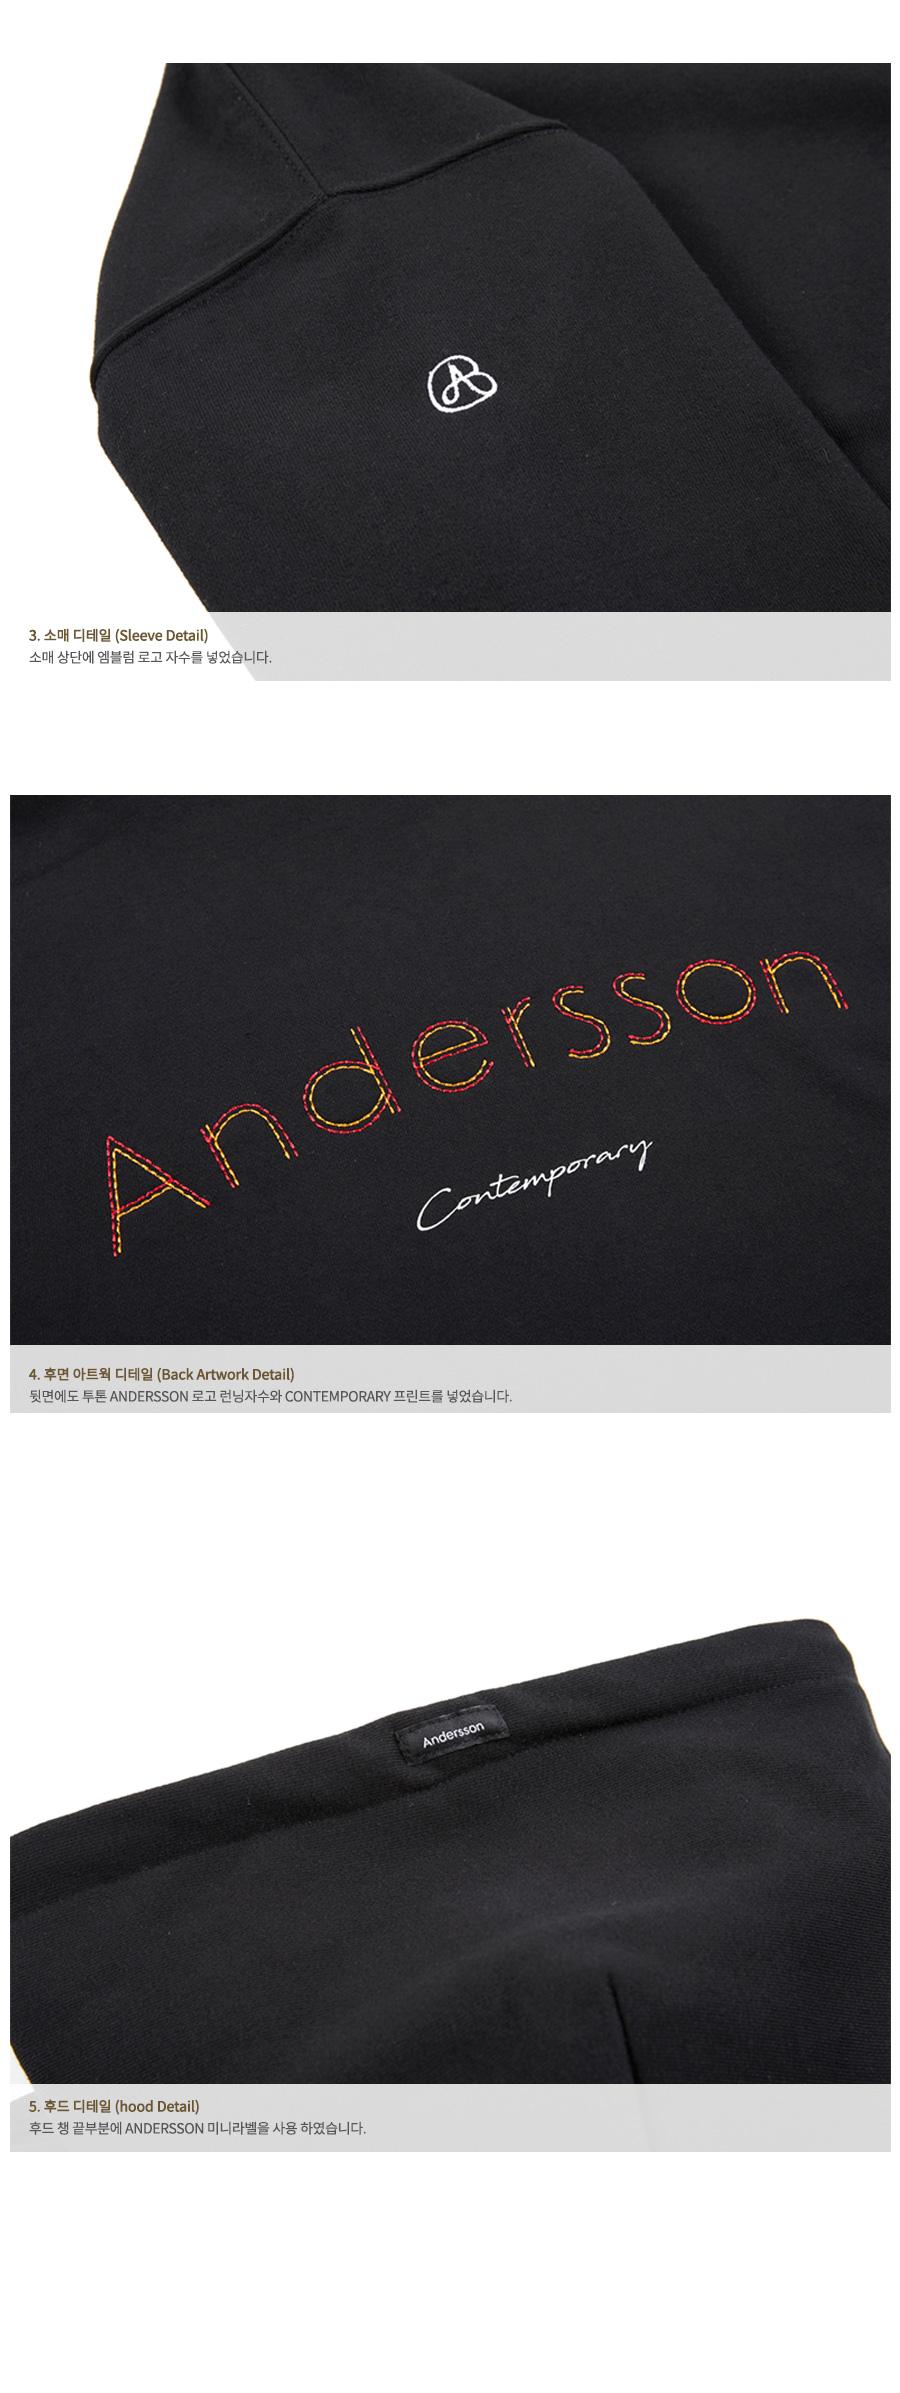 앤더슨벨 UNISEX RUNNING EMBROIDERY ANDERSSON HOODIE atb295u BLACK